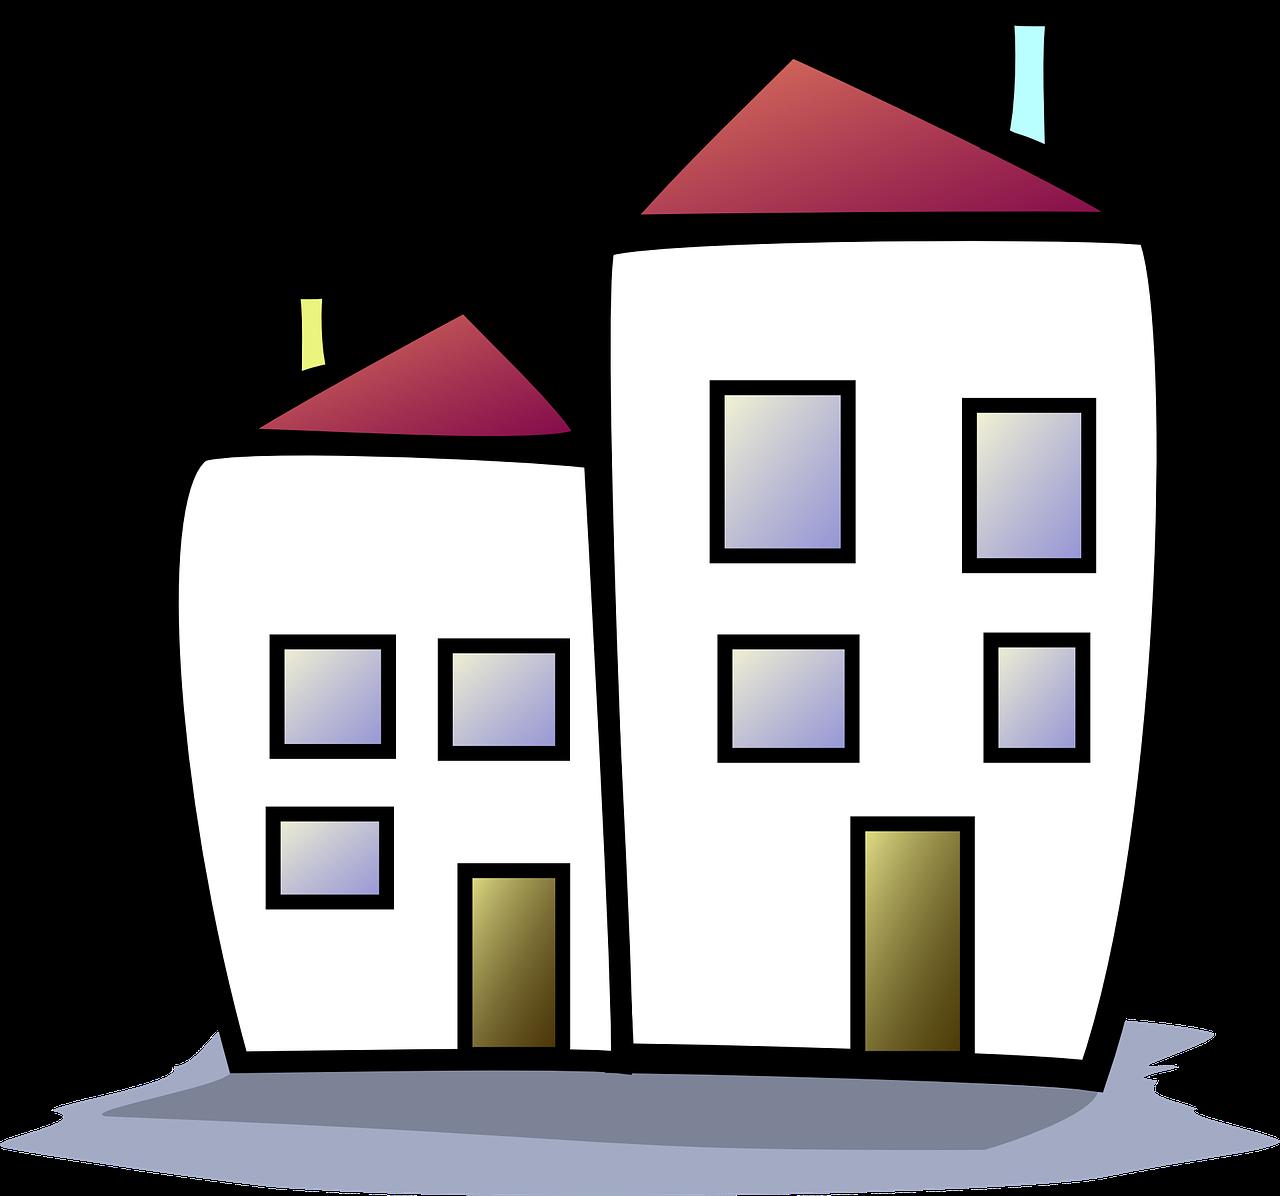 ציור של בניינים